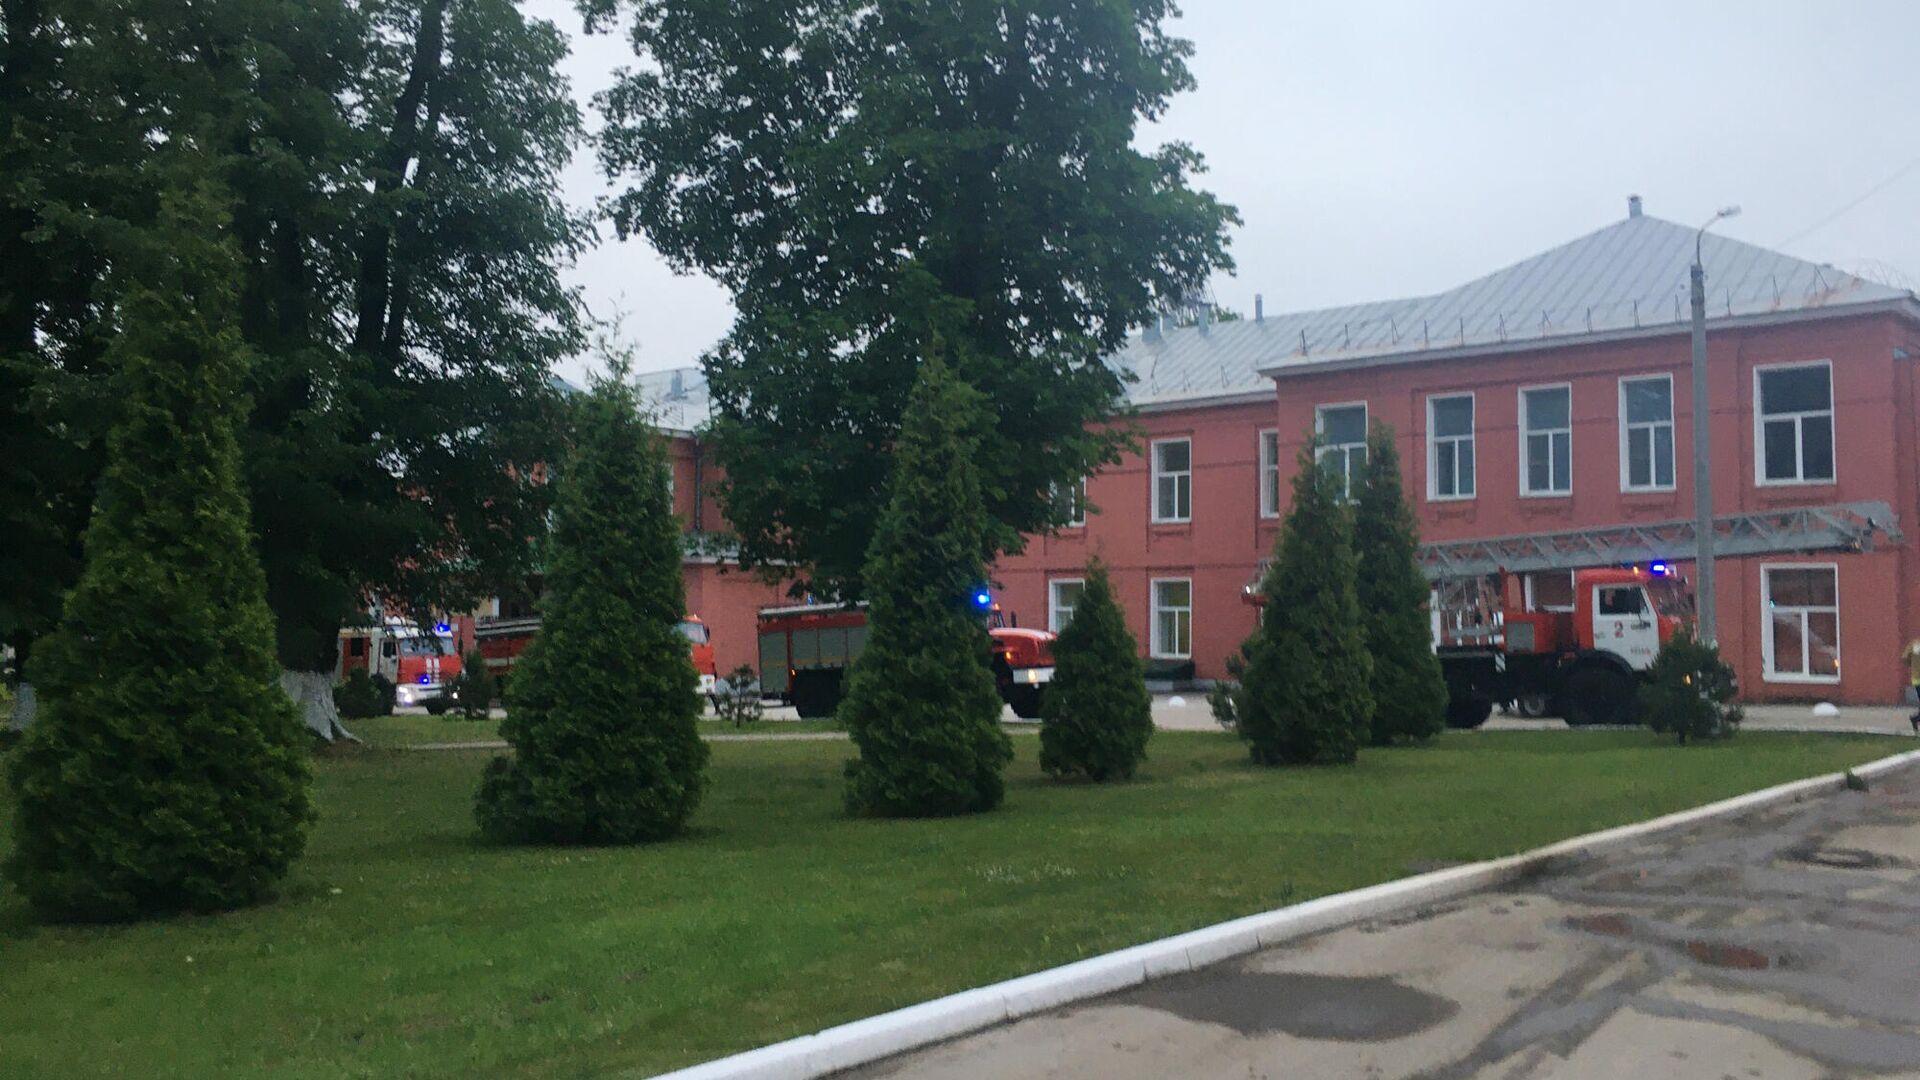 Машины и сотрудники пожарной службы возле больницы в Рязани, где произошел пожар в реанимационном отделении - РИА Новости, 1920, 09.06.2021